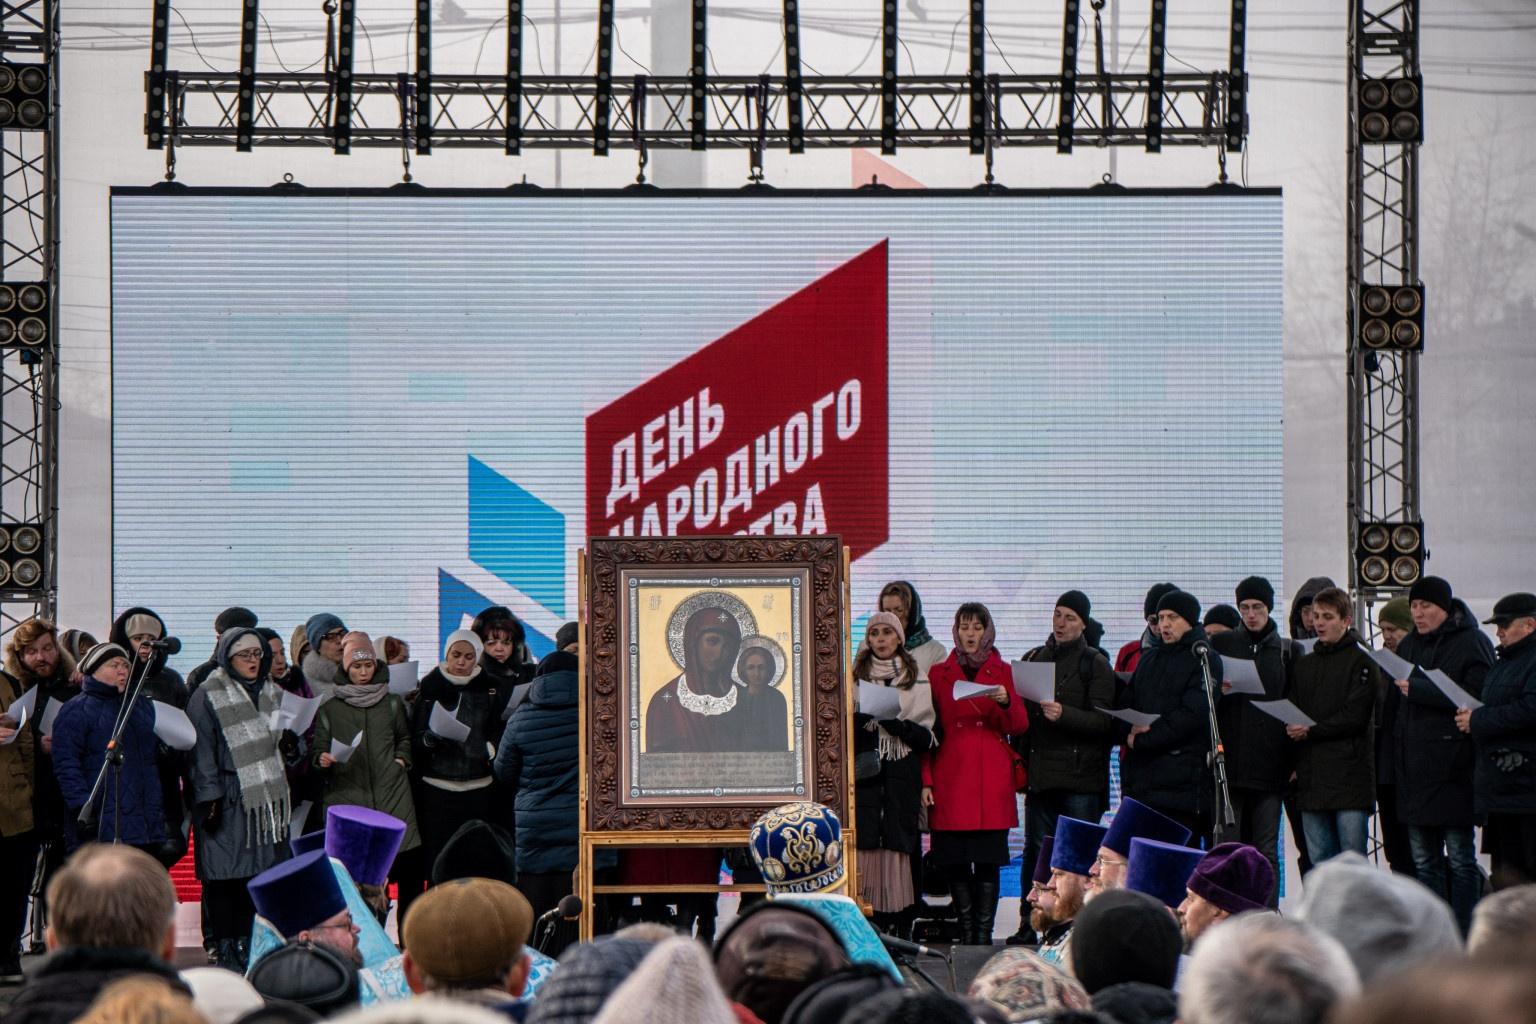 Казанская икона Божией Матери стала символом объединения представителей разных национальностей, сословий, вероисповеданий русского народа